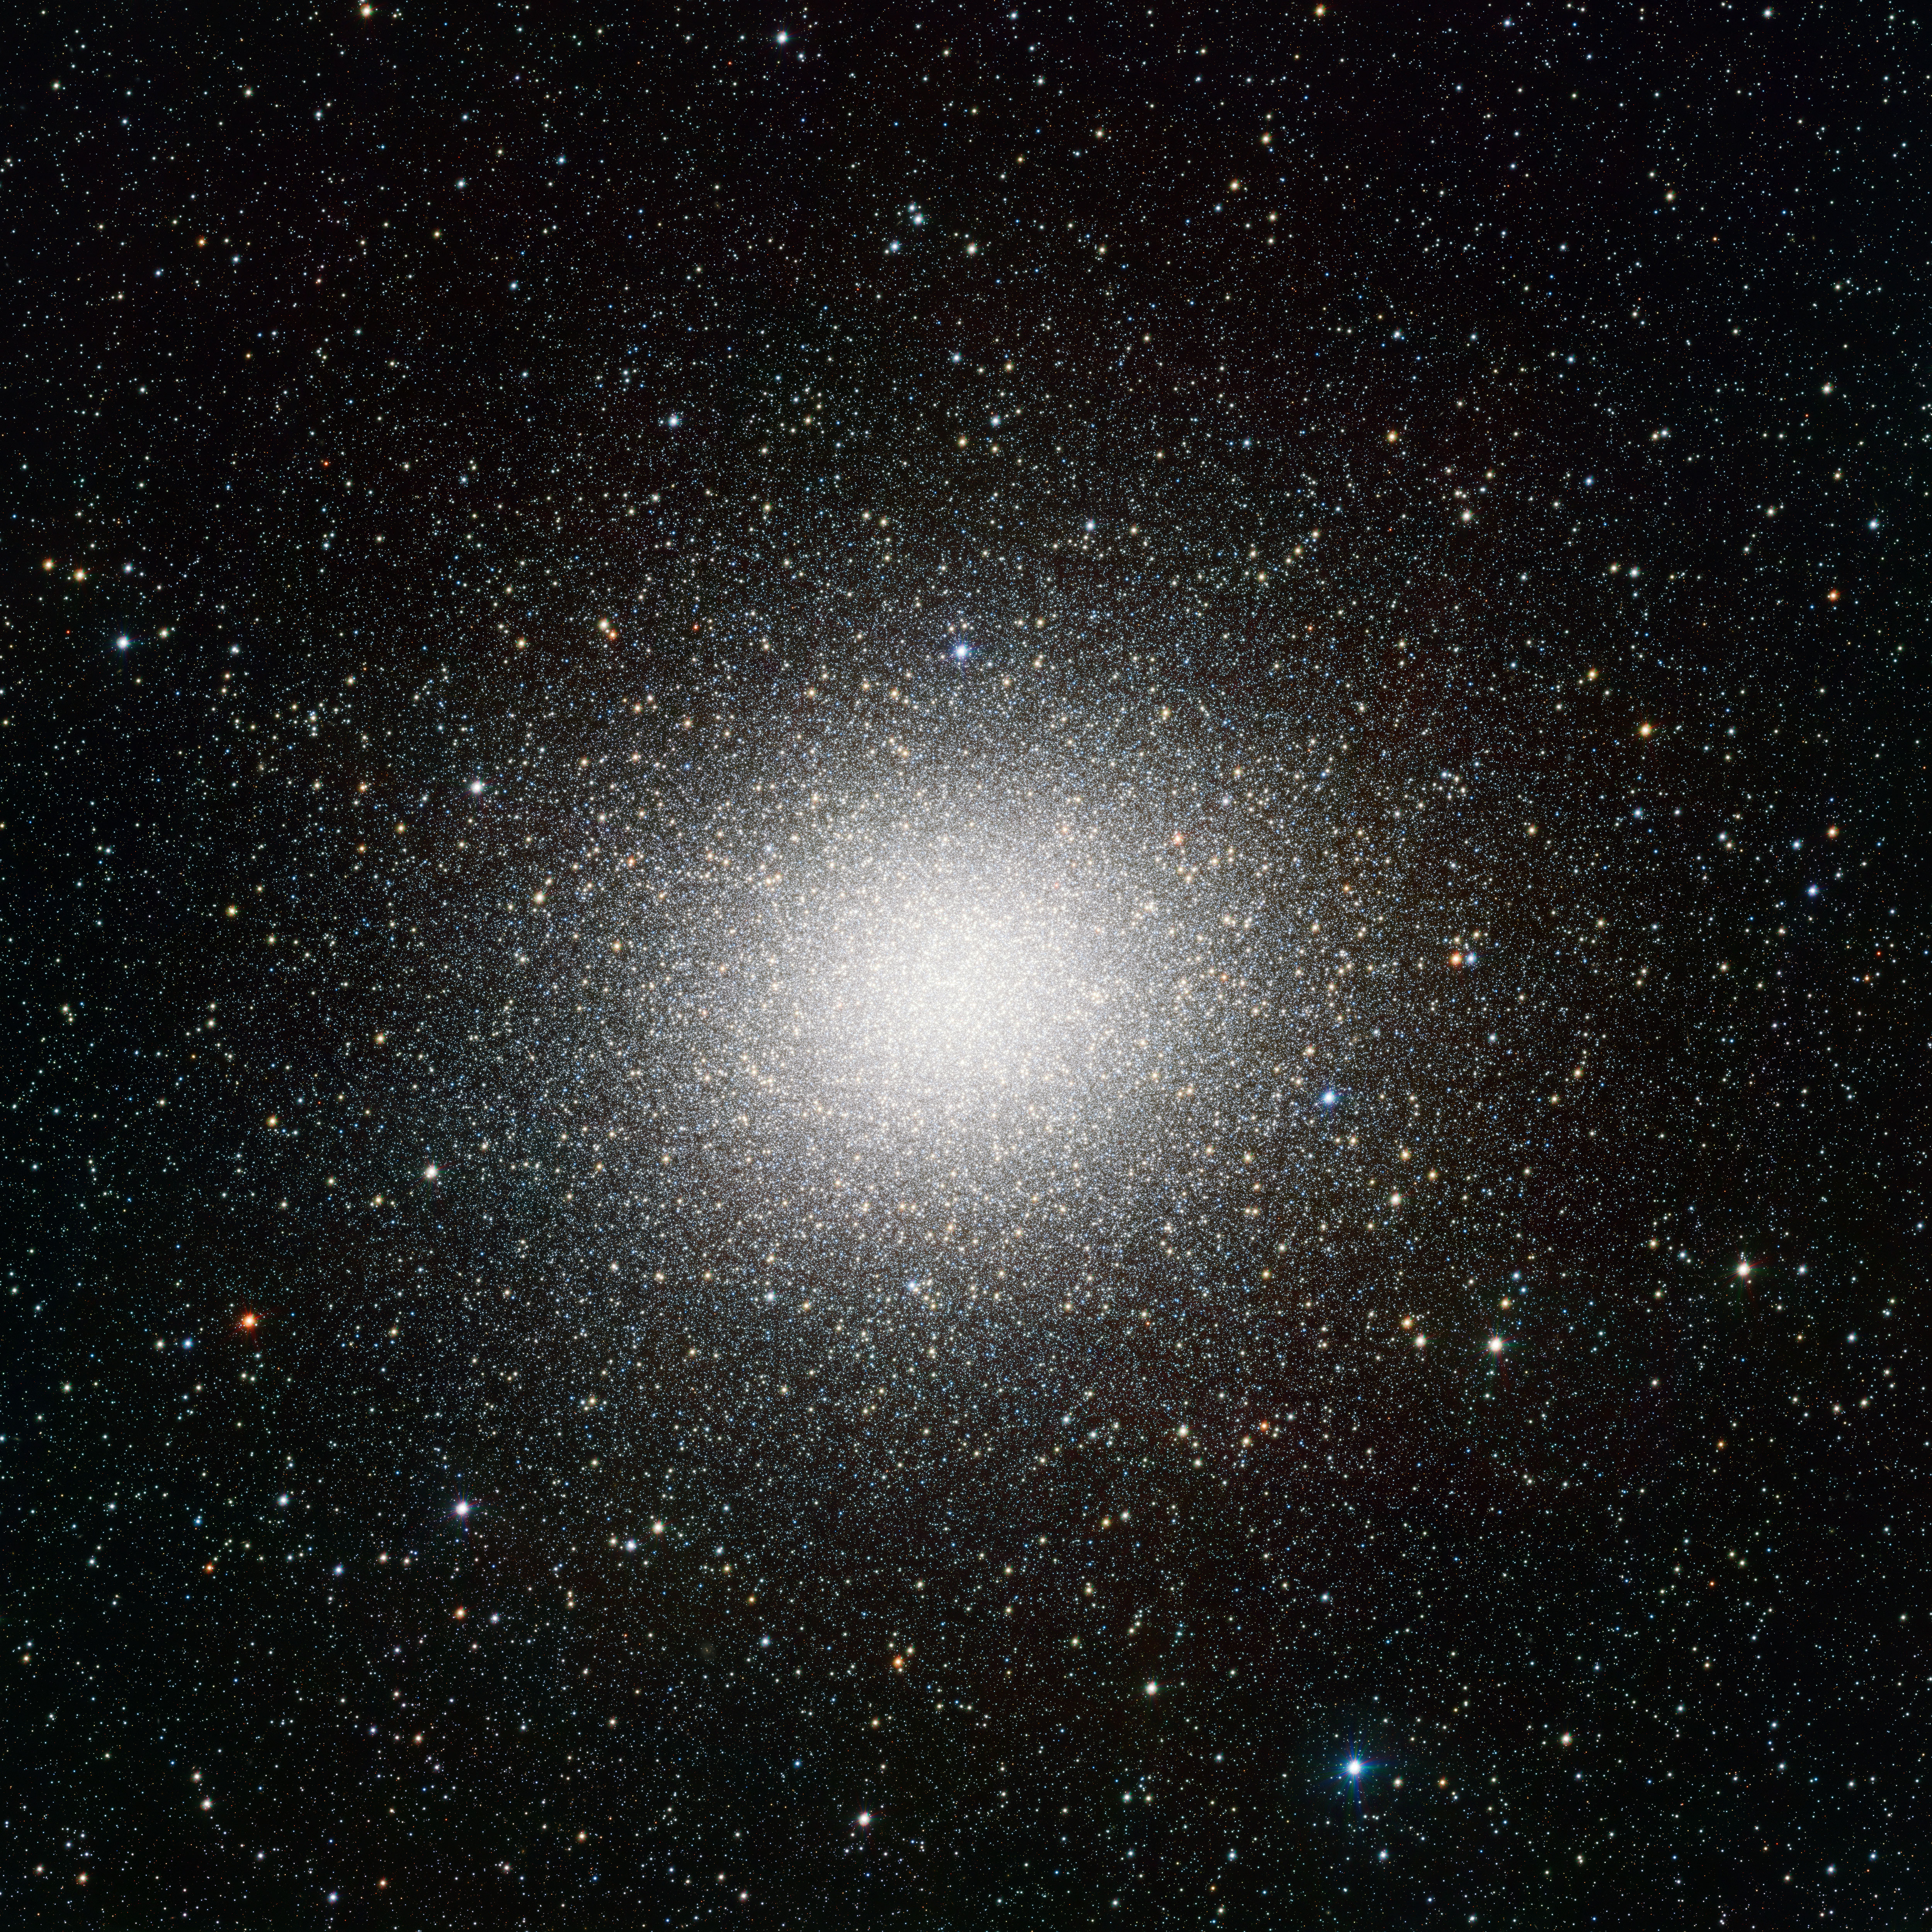 VST image of the giant globular star cluster Omega Centauri. Credit: ESO/INAF-VST/OmegaCAM